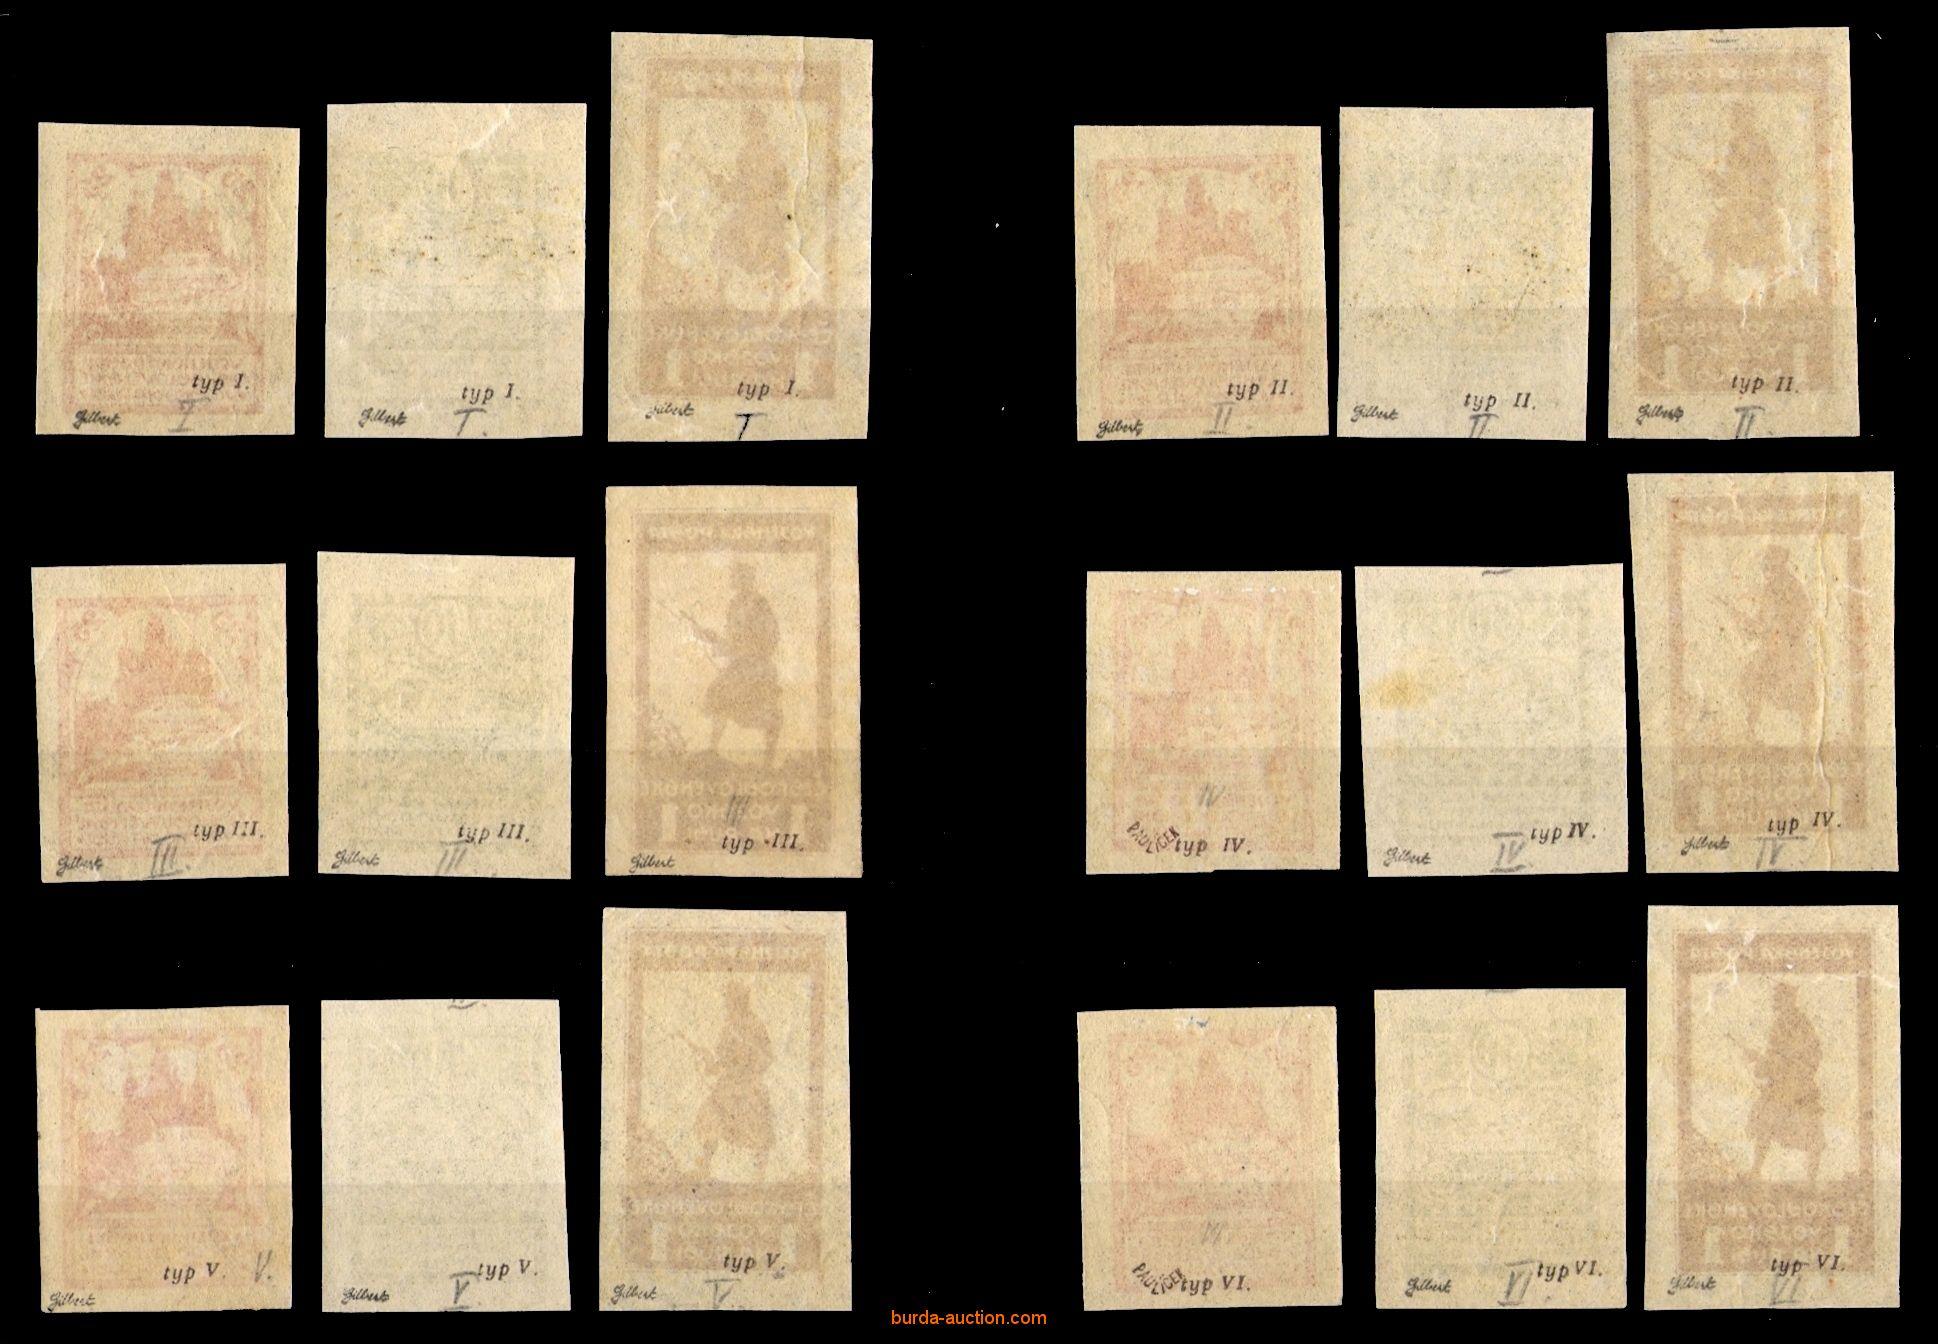 1919 Pof PP2-4, Siluety, kompletní sestava typů I  - VI  zk  Gi, kat  min   2000K